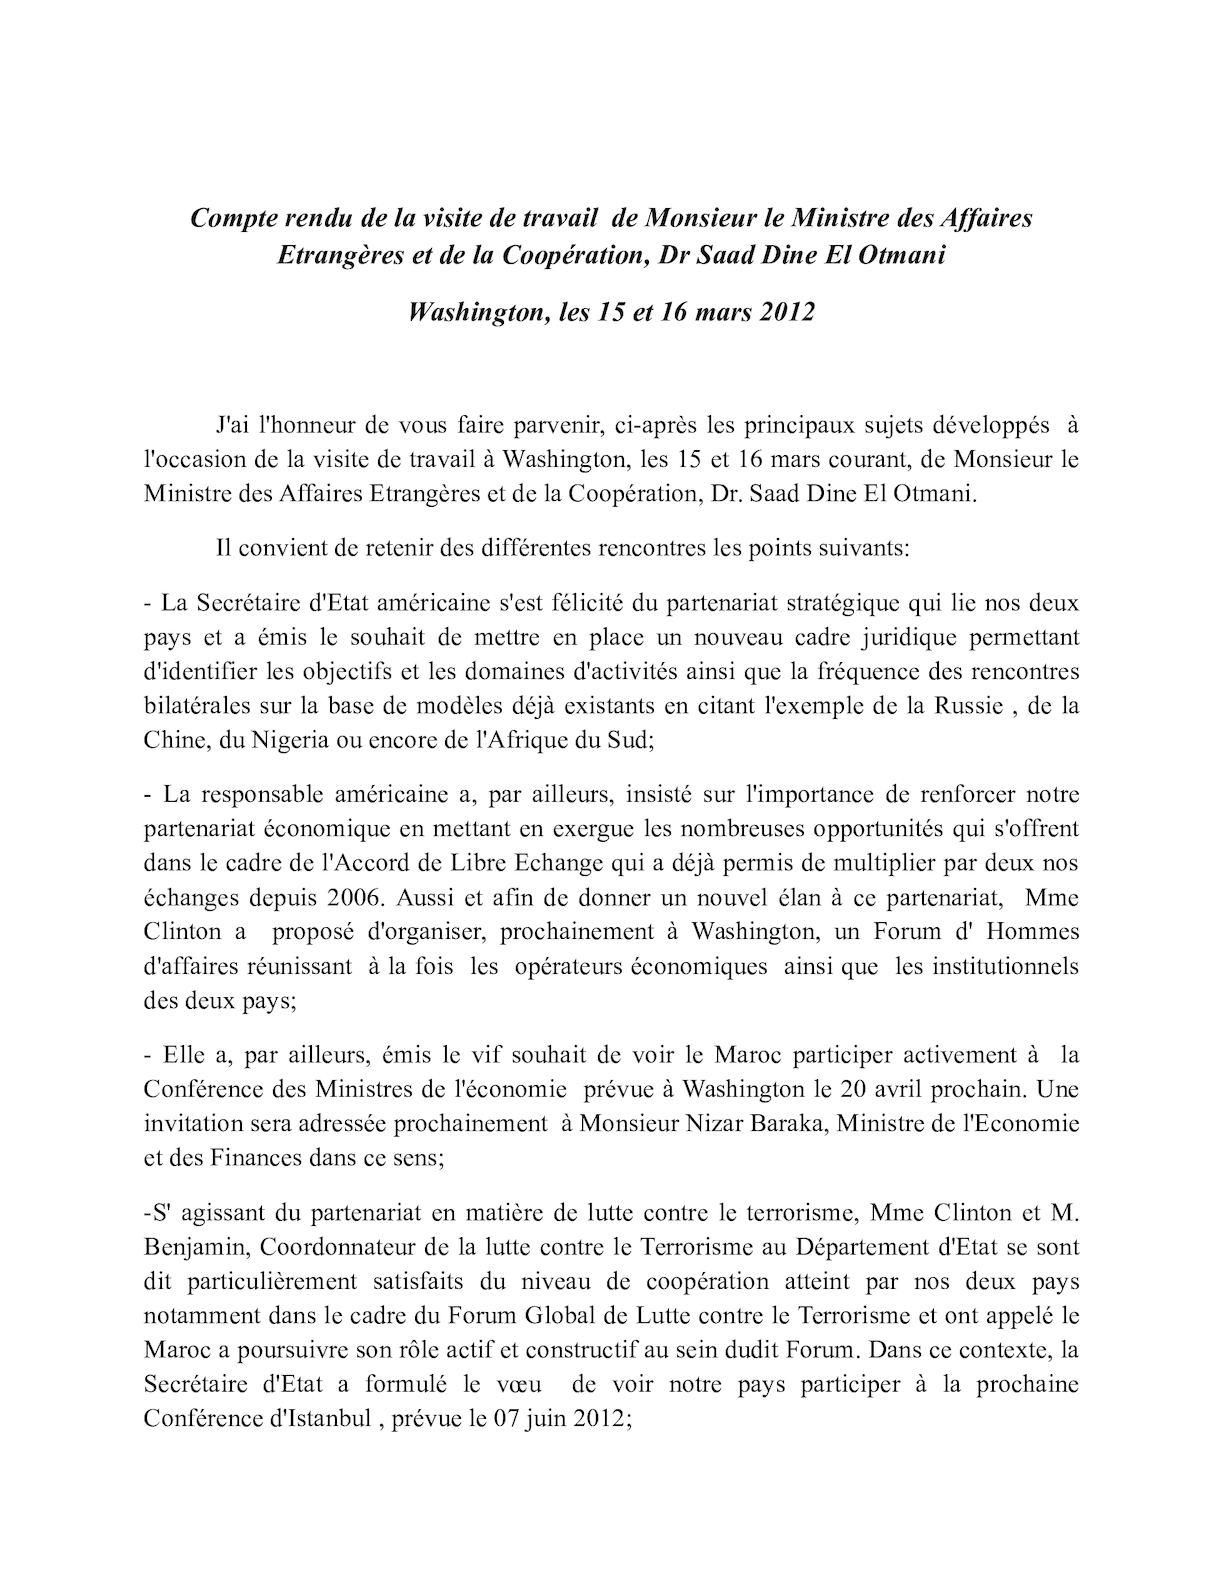 Compte Rendu Visite De Monsieur Le Ministre Washington(1)